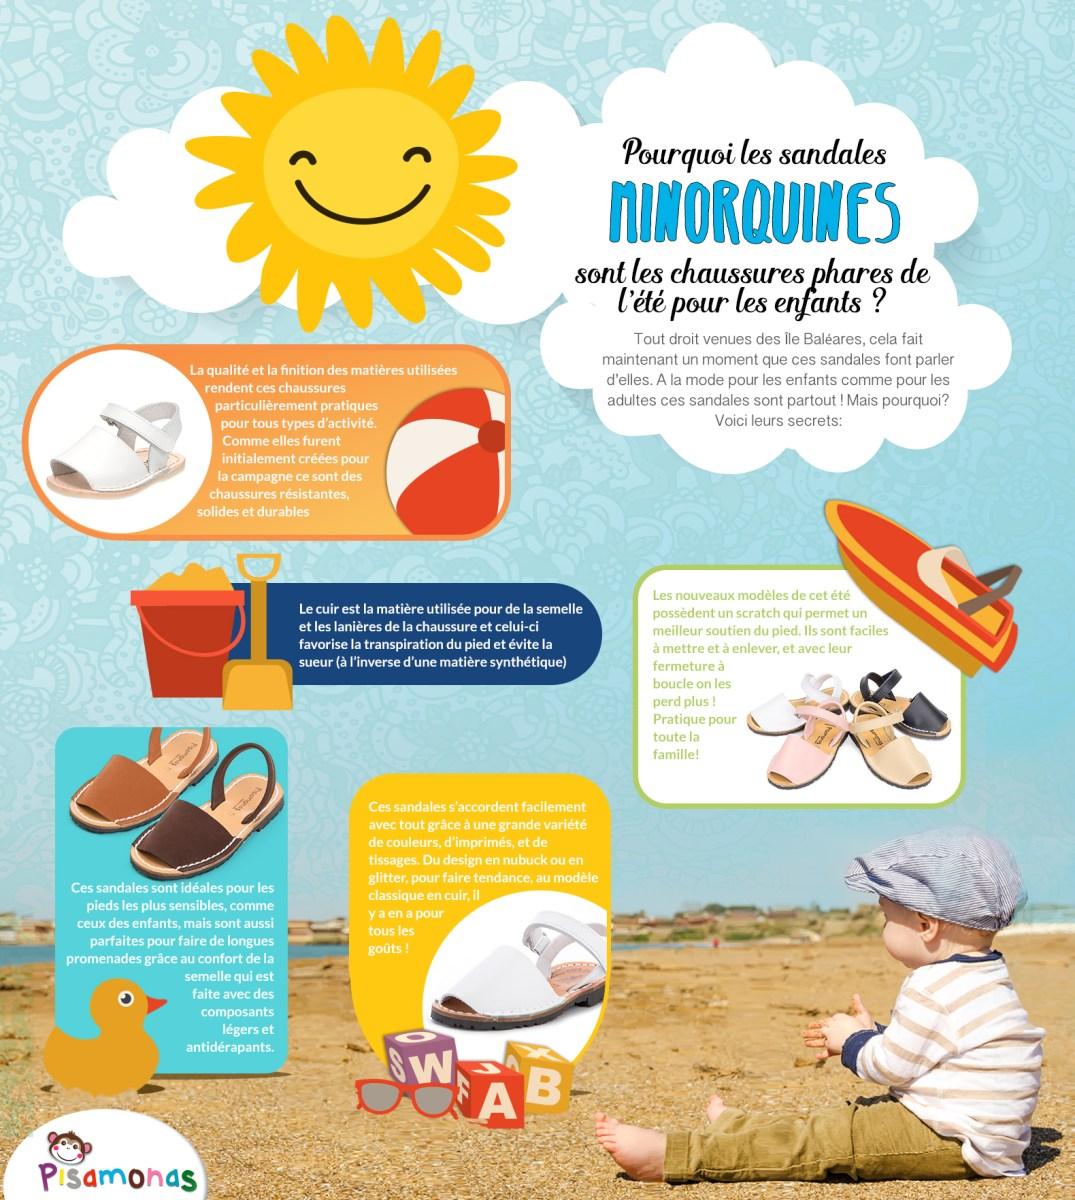 Infografia- minorquines verano - Pisamonas-FR _actualizado